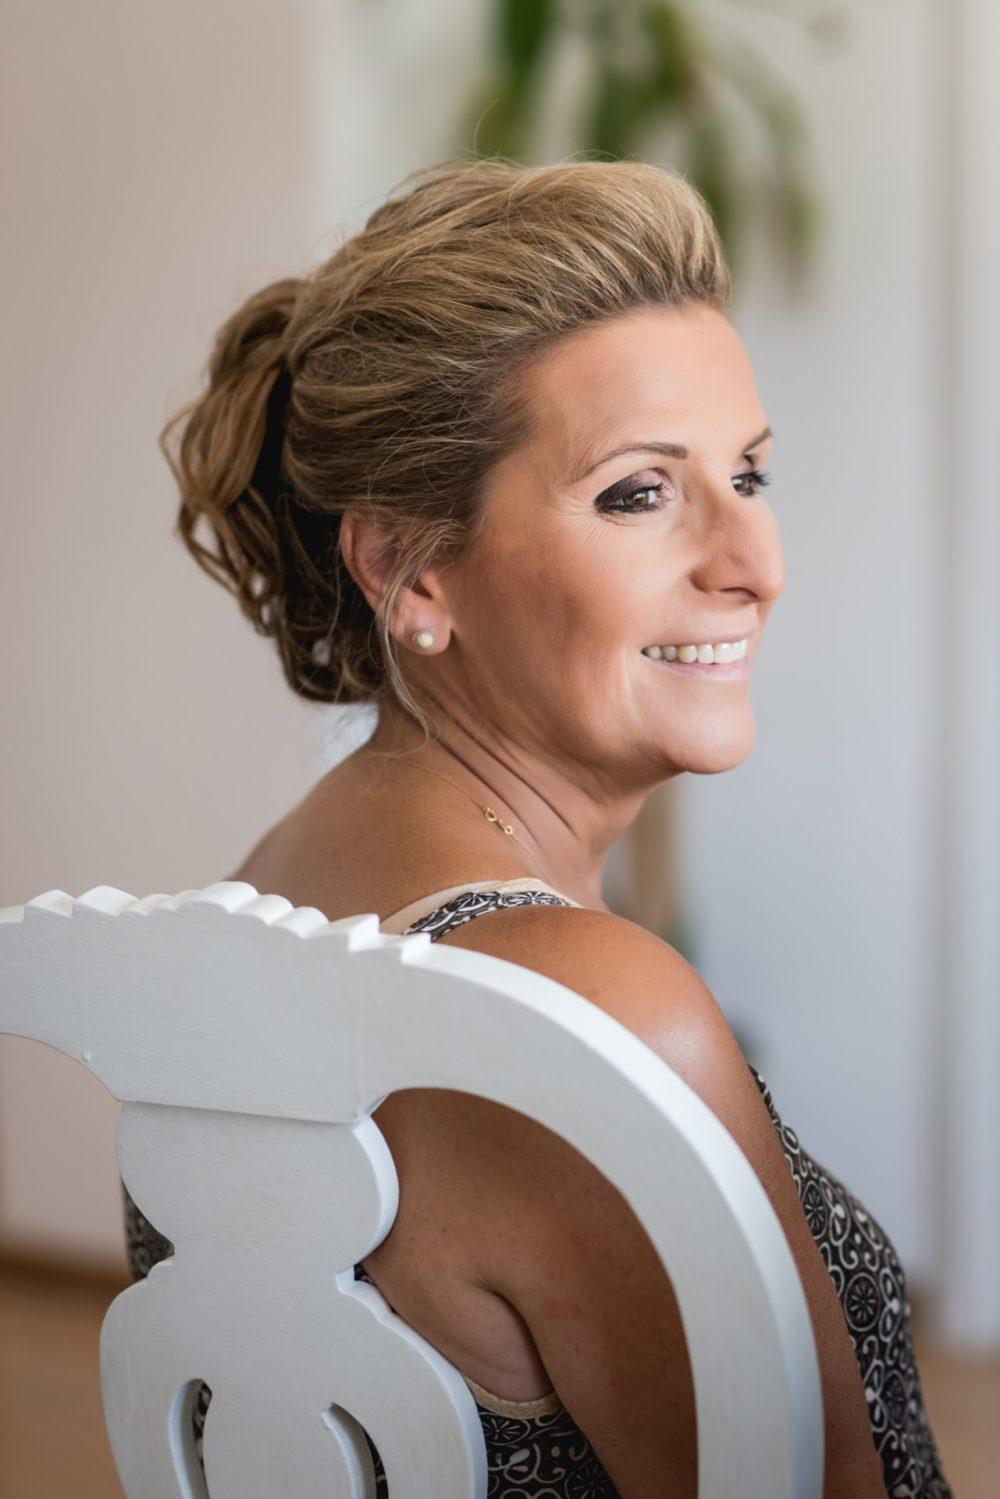 Fotografisi Gamou Wedding Gamos Fotografos Alekos & Mania052